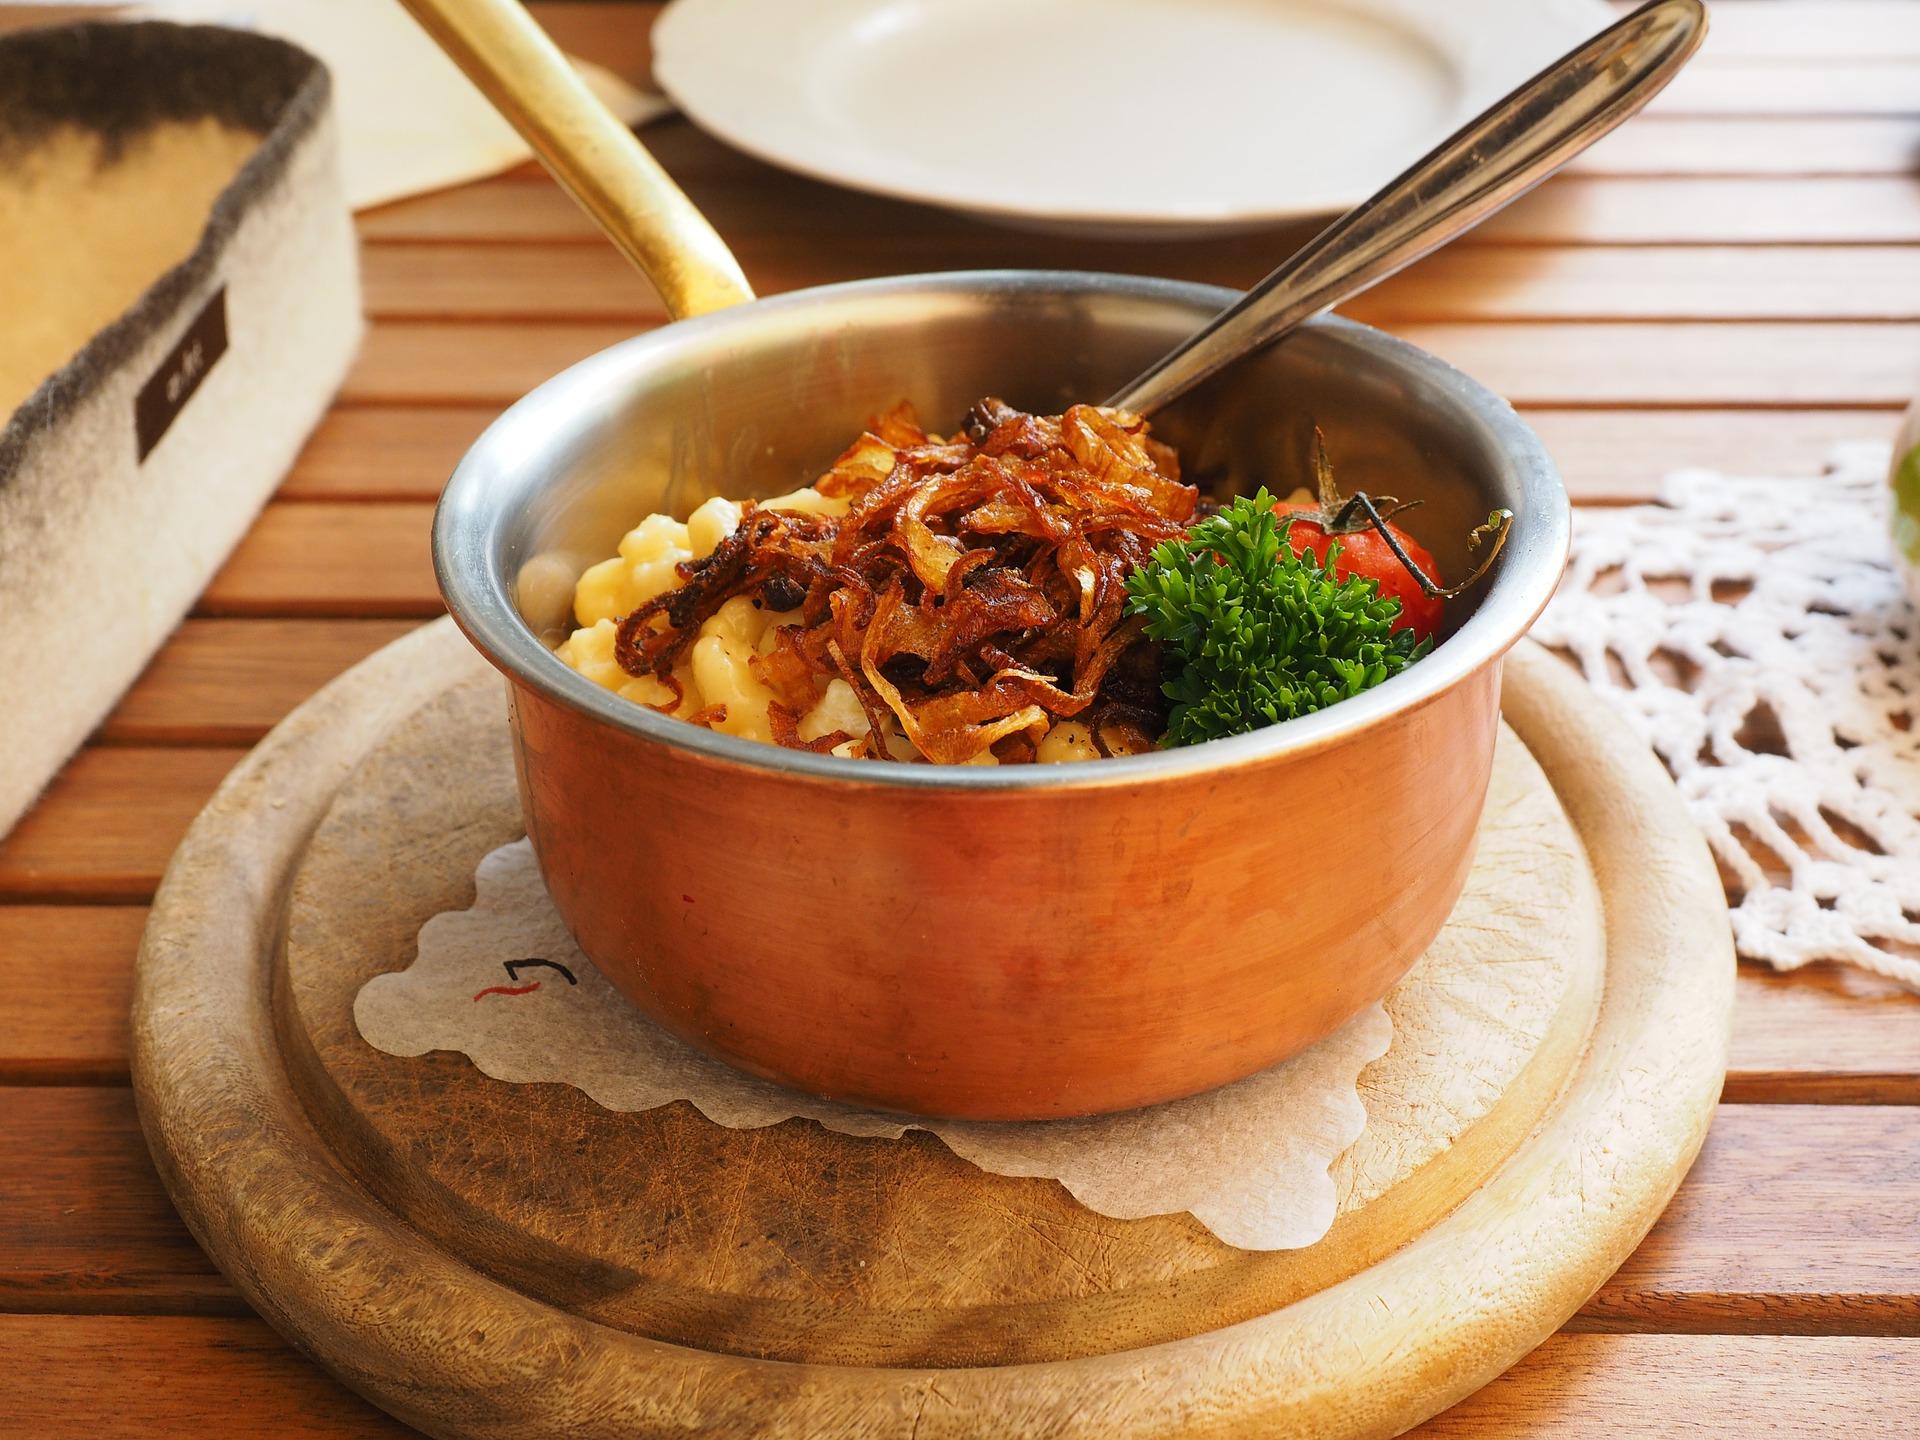 Panela com alimentos prontos apoiada sobre descanso em madeira